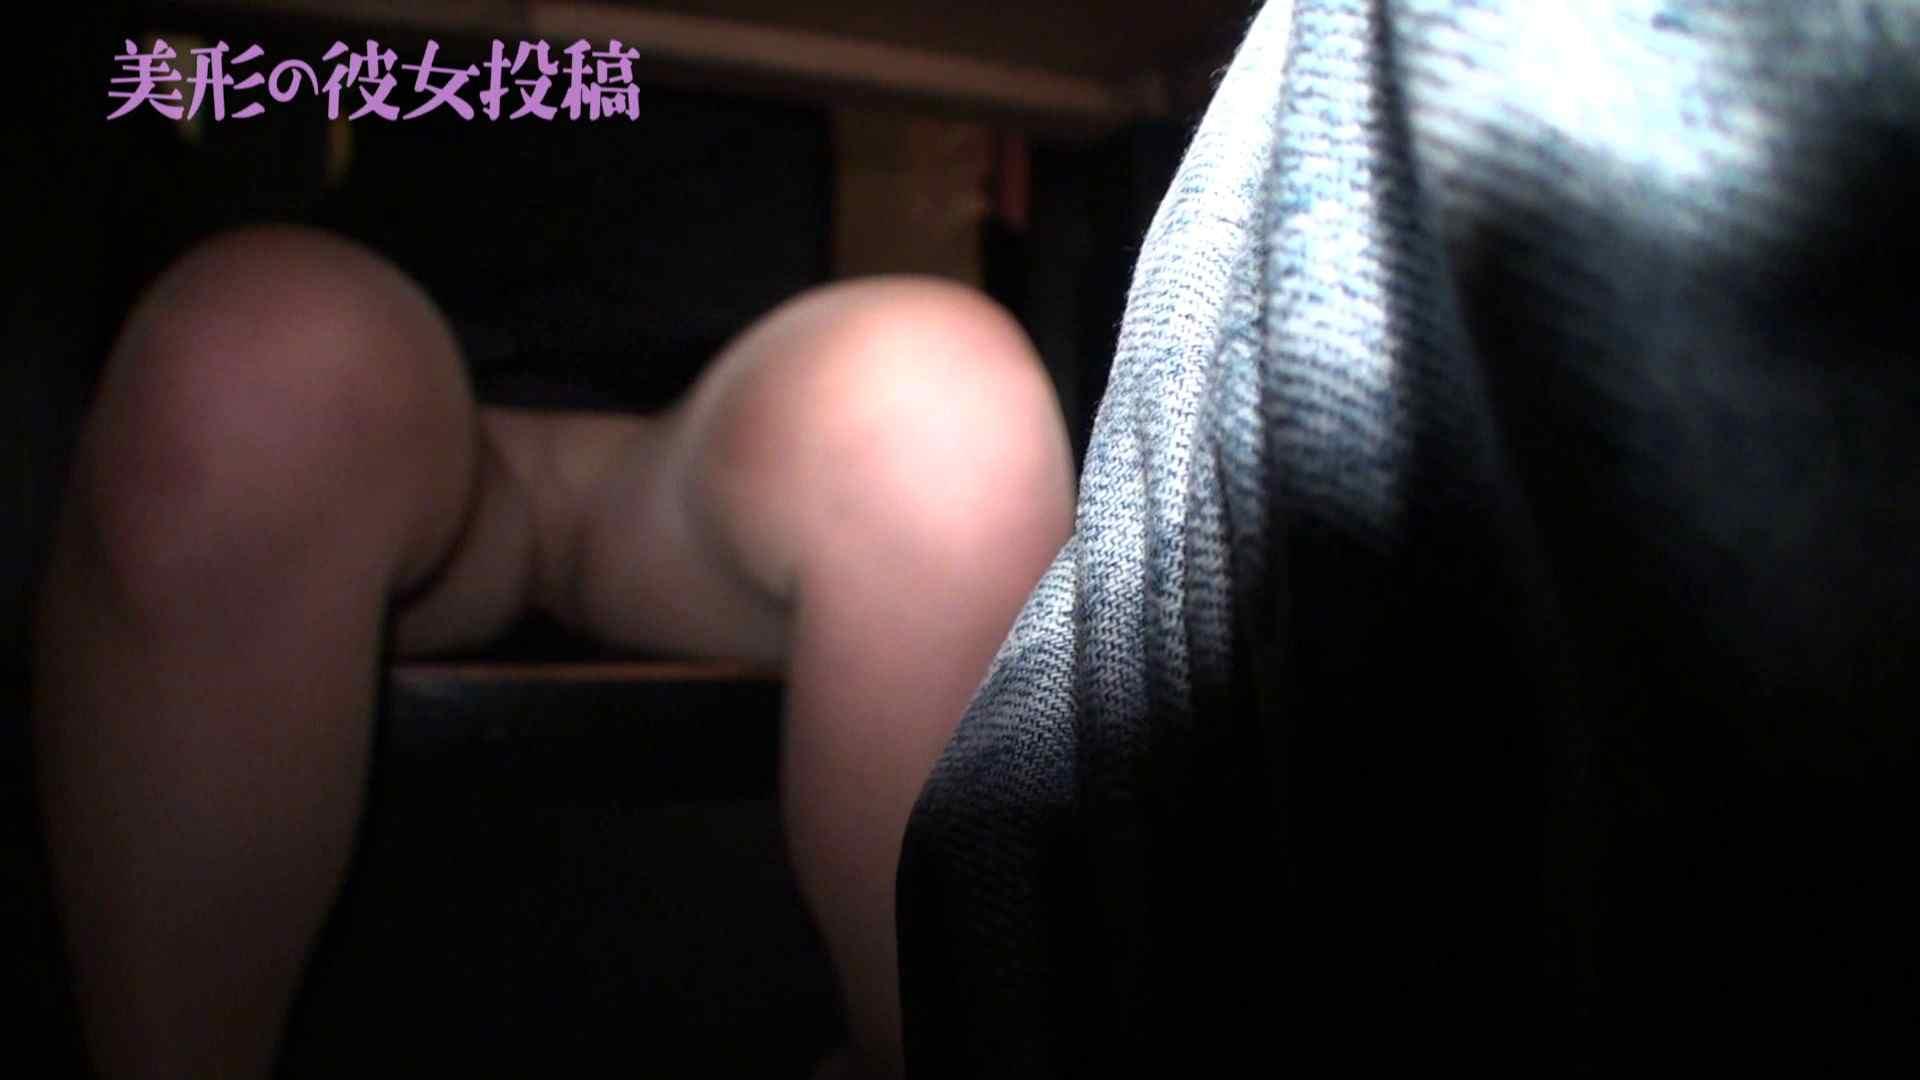 超美形の彼女を投稿!!02 投稿映像  63pic 32